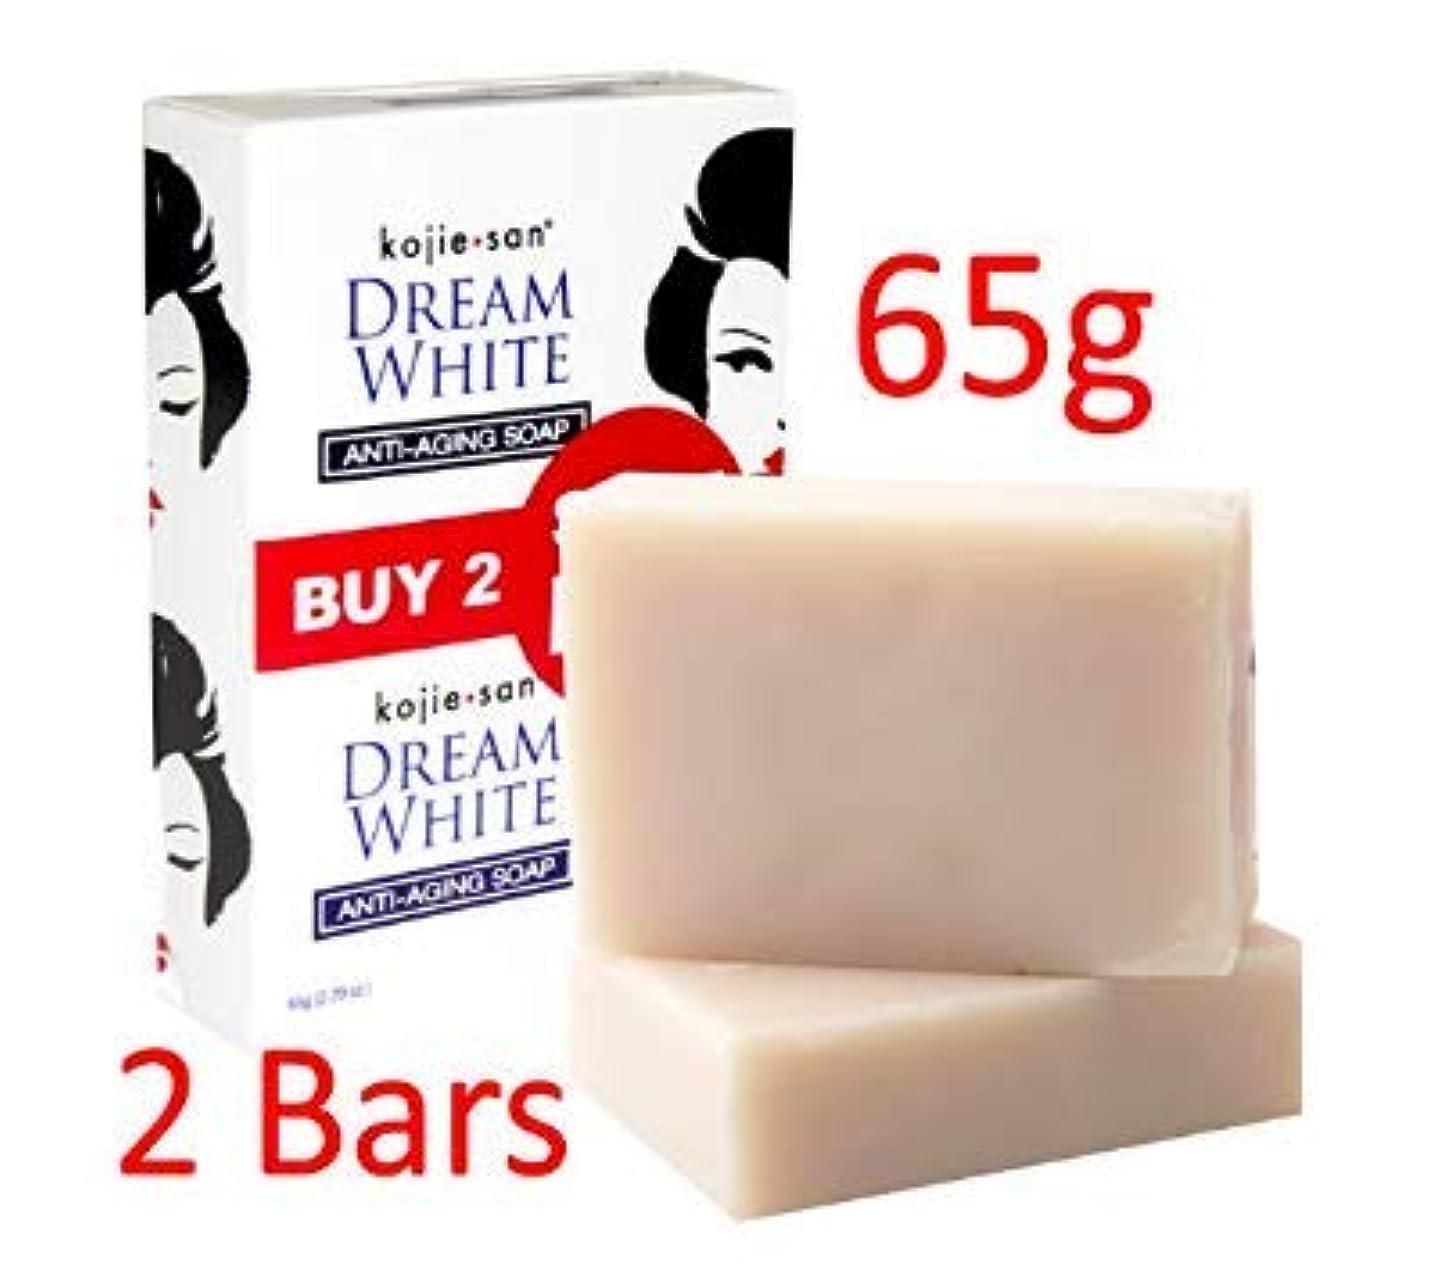 怒る虹すりお得な2個パック Kojie san soap Dream White 2pcs こじえさん ドリームホワイト 1個65g [並行輸入品]